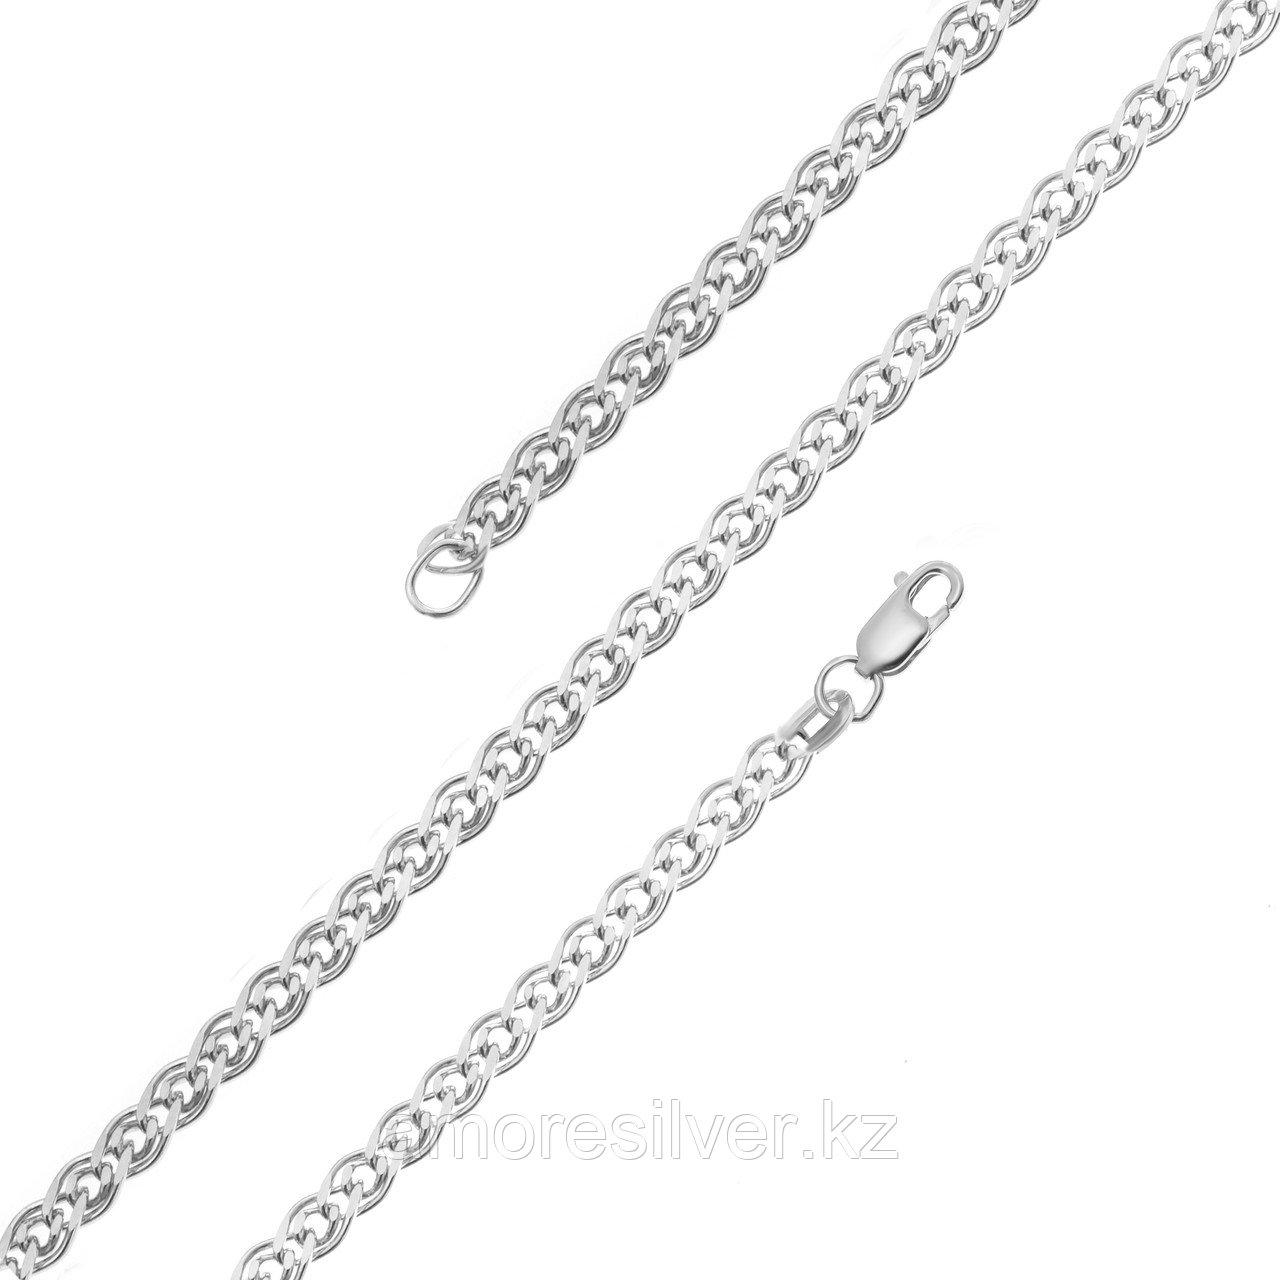 Цепь Красцветмет серебро с родием, без вставок, нонна НЦ 22-200-3-050 размеры - 40 45 50 55 60